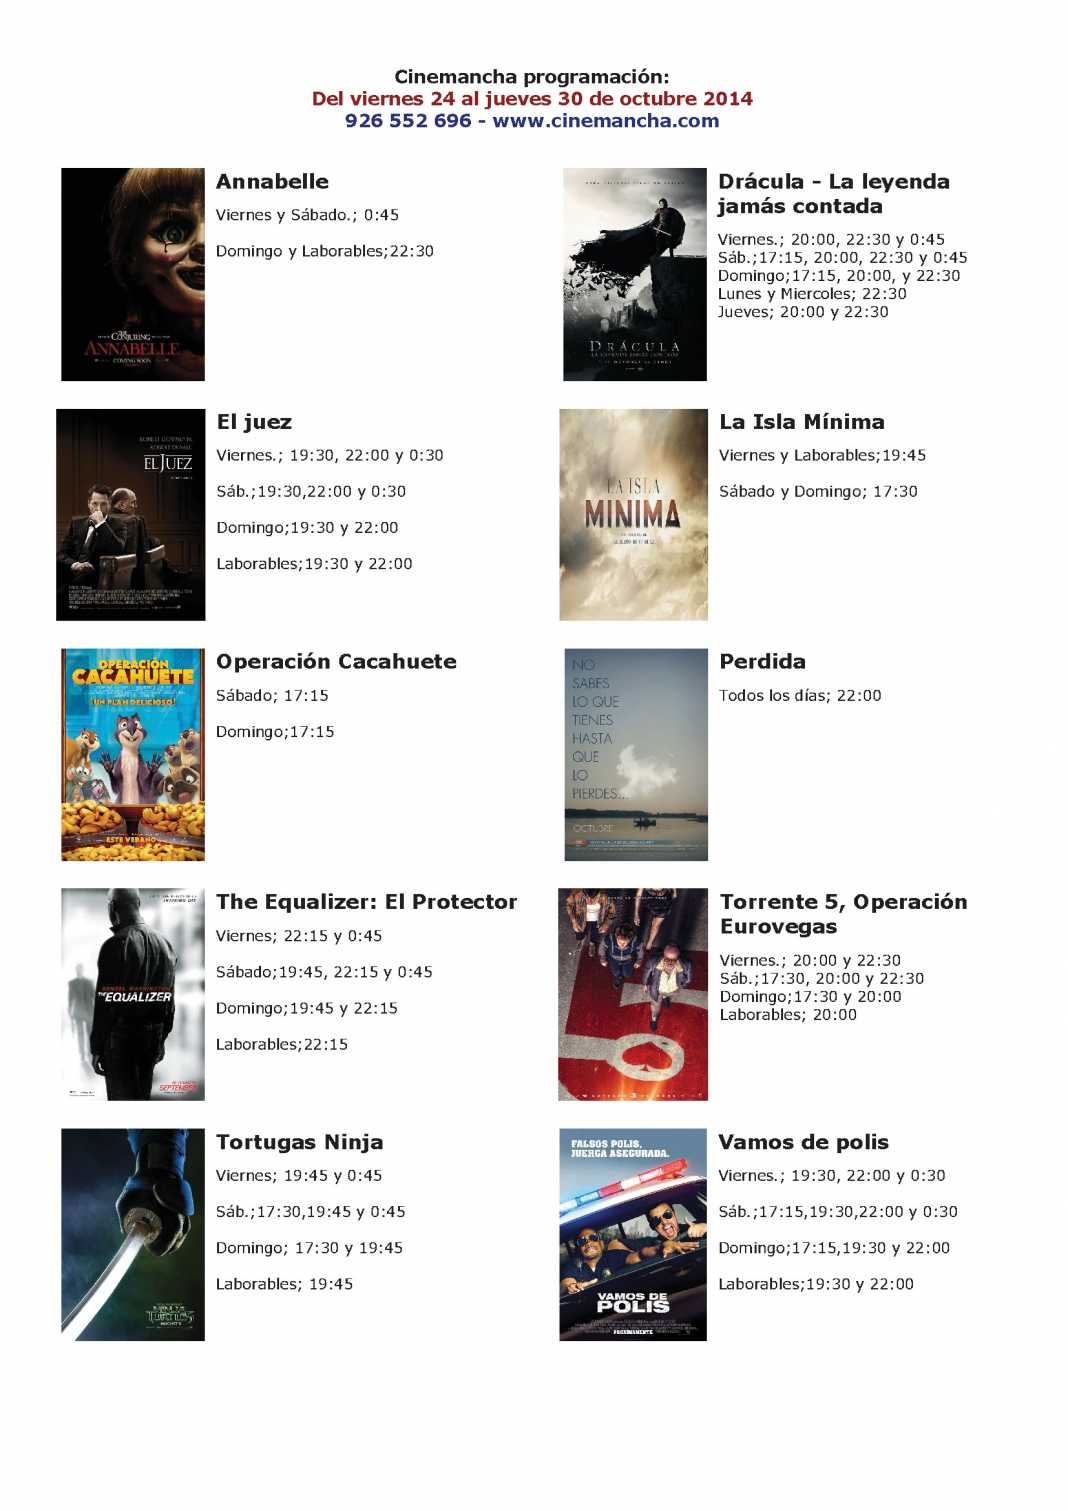 cartelera del 24 al 30 de octubre 1068x1511 - Programación Cinemancha cartelera del 24 al 30 de octubre